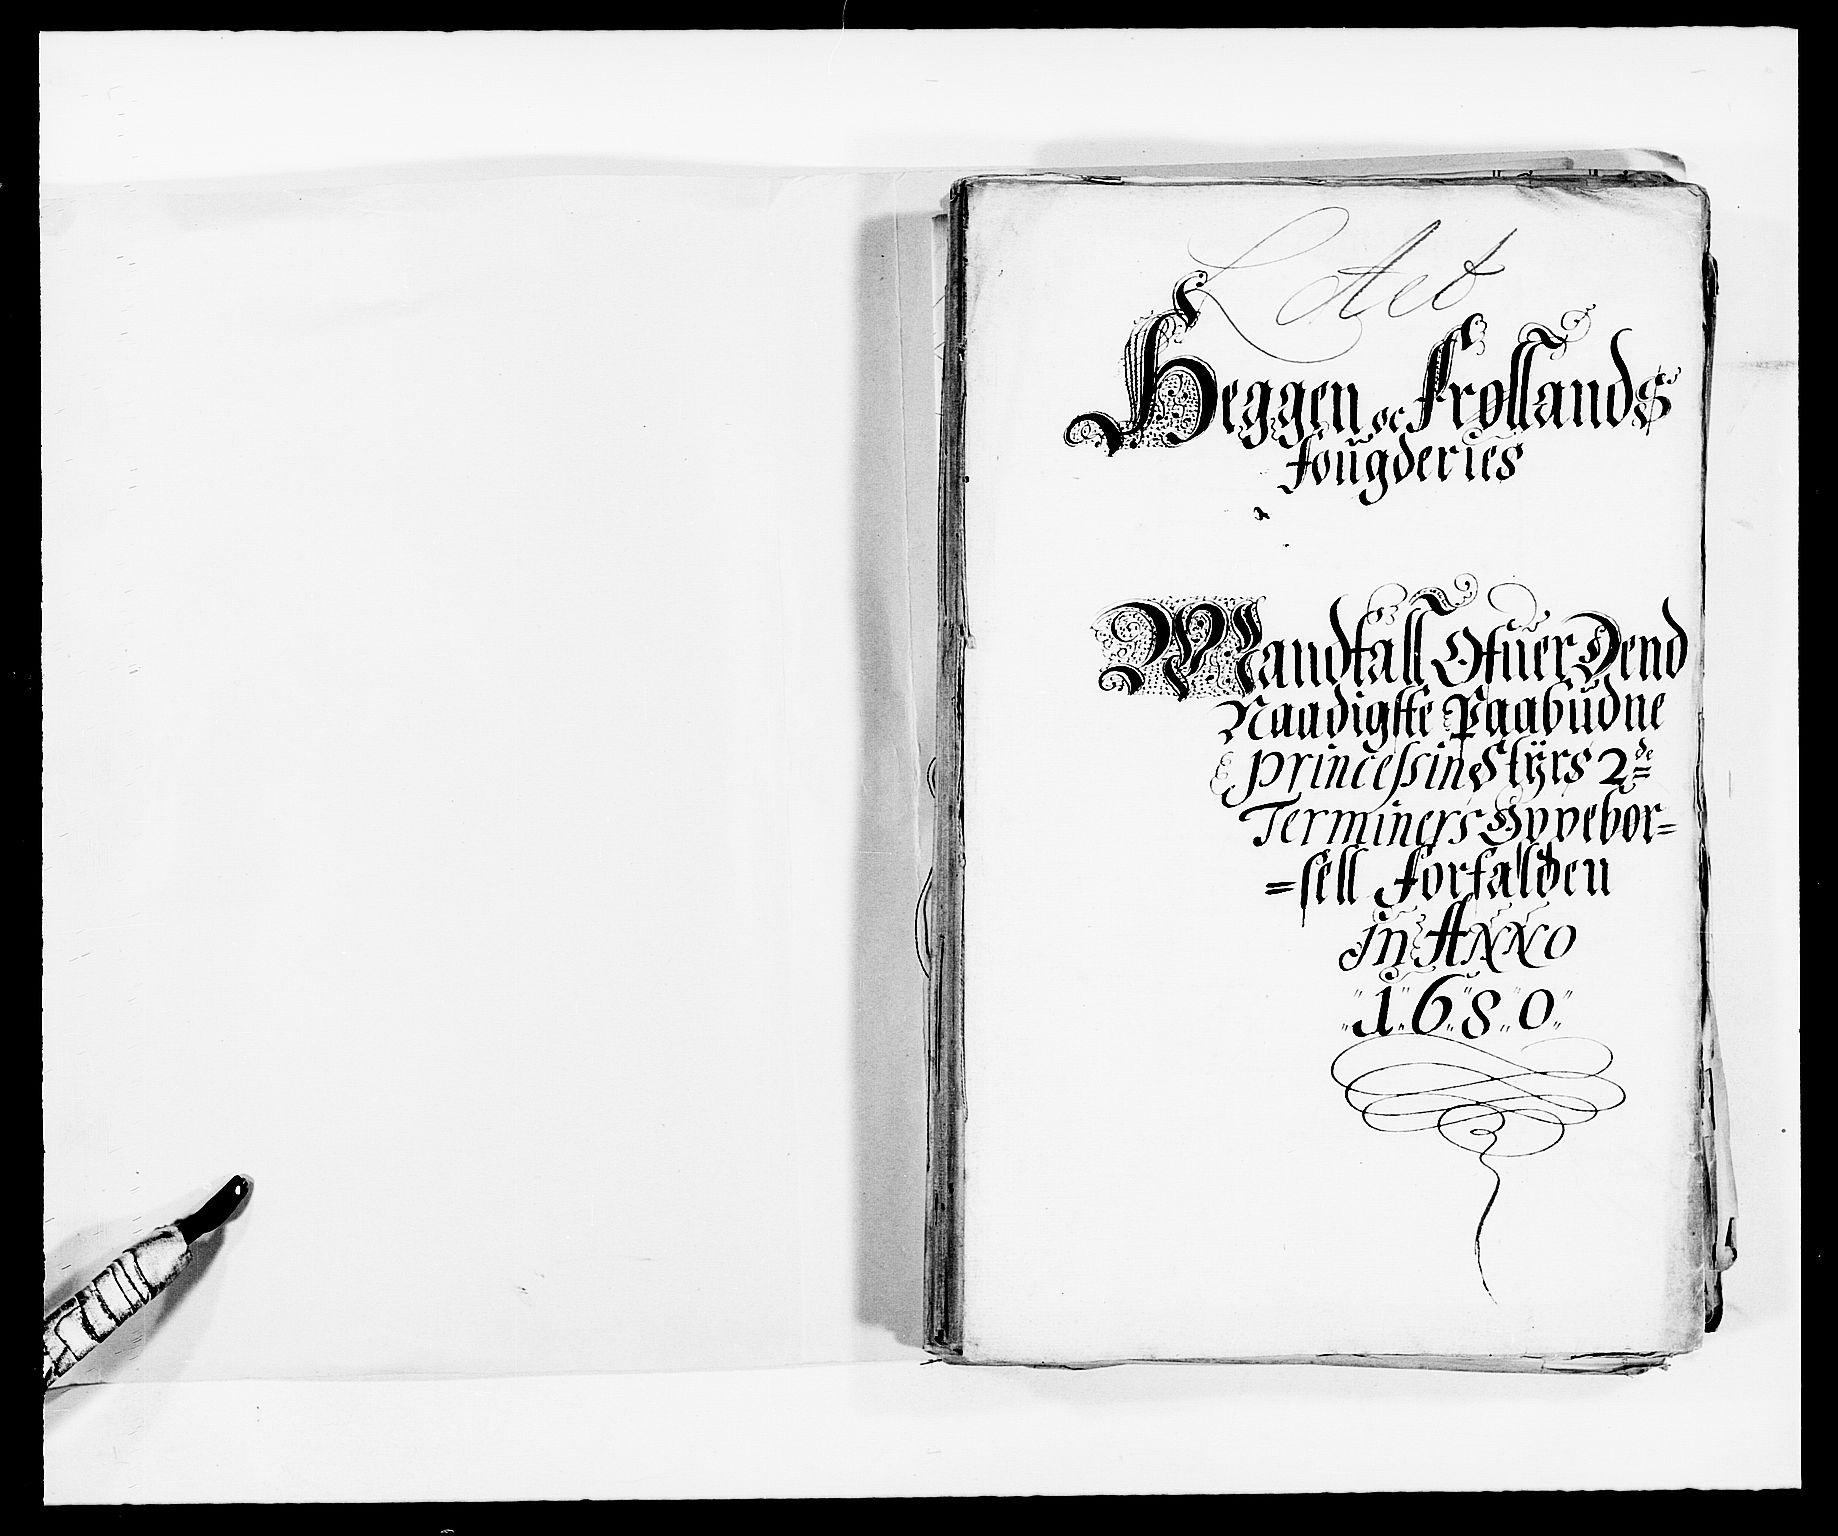 RA, Rentekammeret inntil 1814, Reviderte regnskaper, Fogderegnskap, R06/L0280: Fogderegnskap Heggen og Frøland, 1681-1684, s. 7